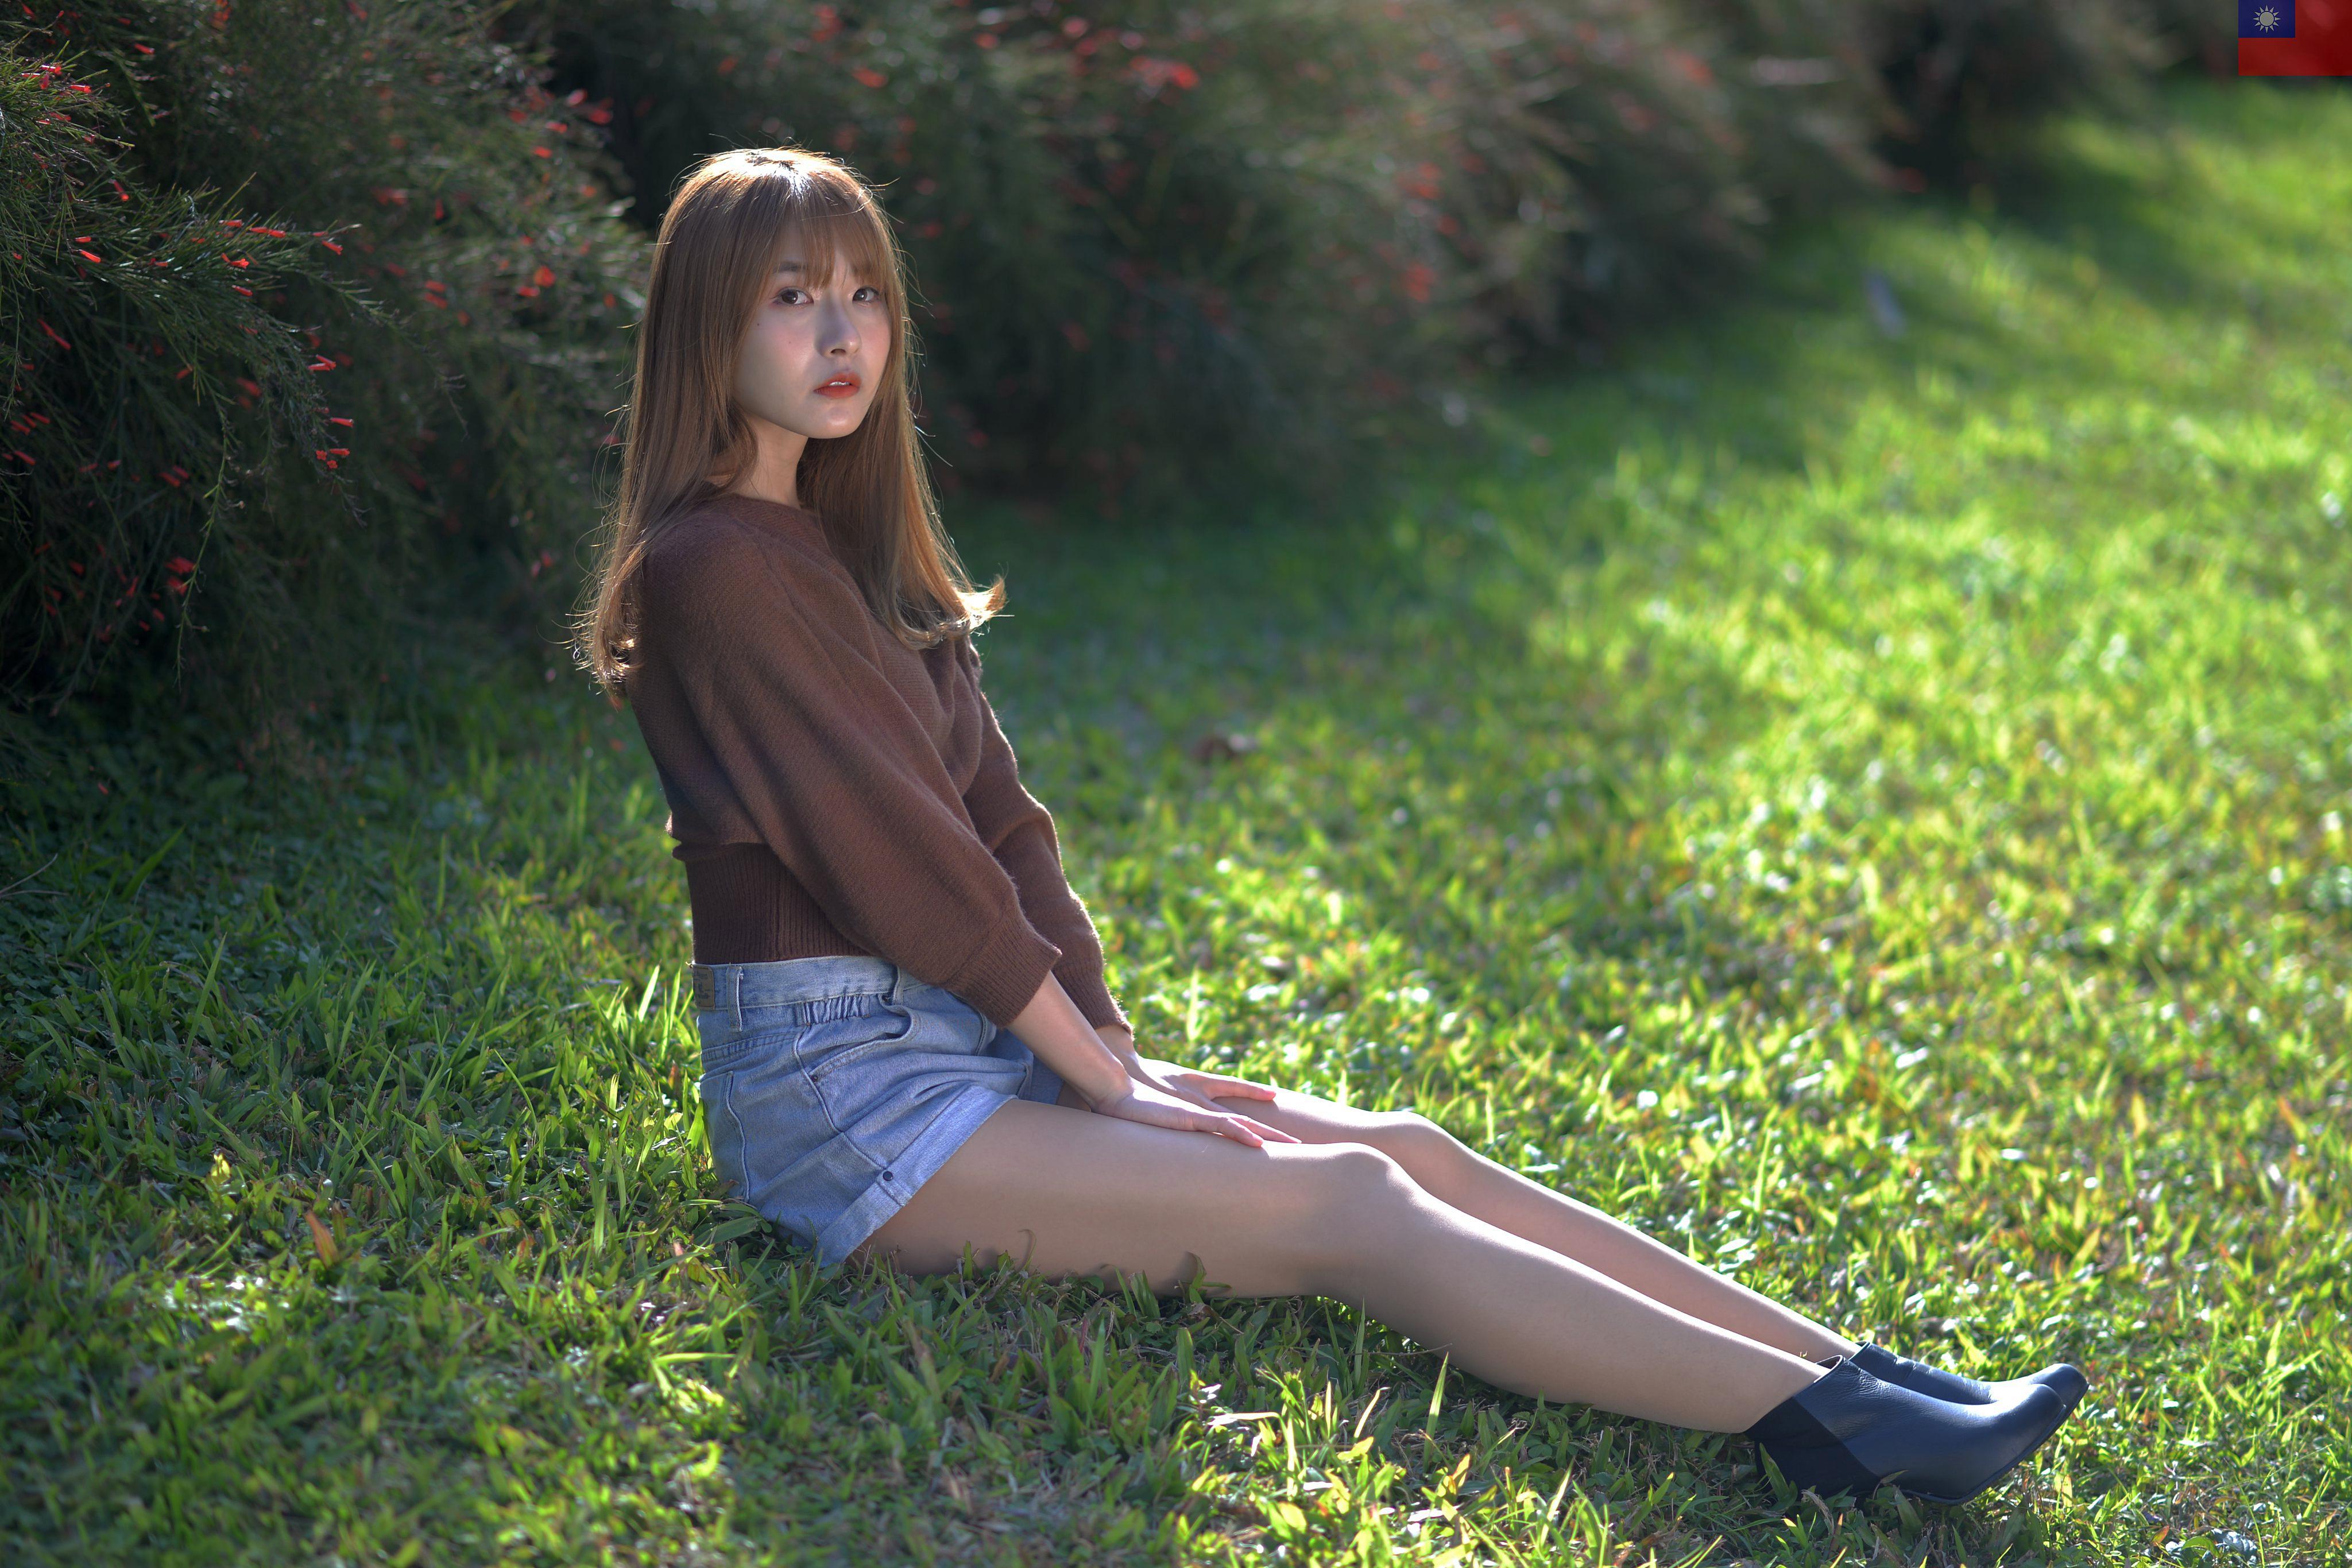 Foto junge frau Bein Asiatische Sweatshirt Gras Shorts Sitzend Blick 4096x2731 Mädchens junge Frauen Asiaten asiatisches sitzt sitzen Starren